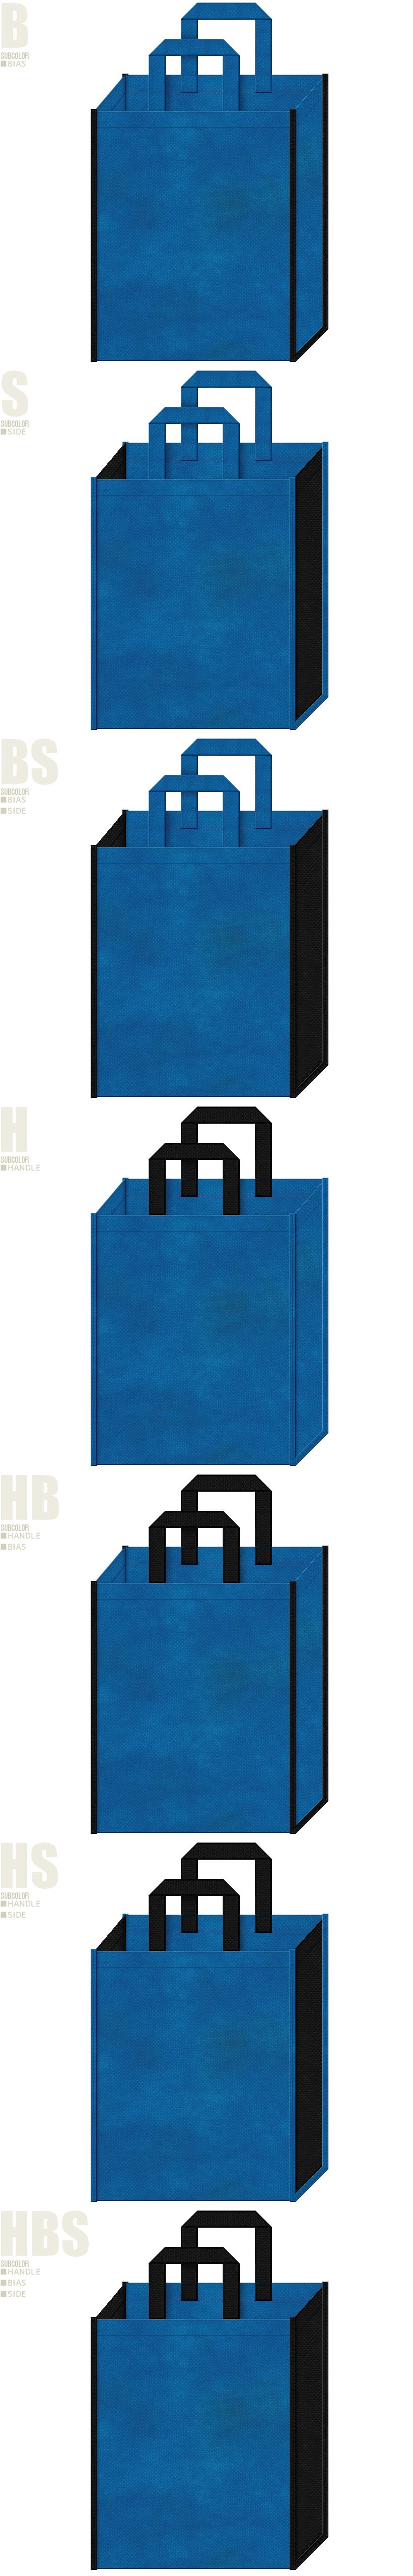 セキュリティ・防犯カメラ・ドライブレコーダー・騎士・伝説・神話・モンスター・アクション・シューティング・対戦型格闘ゲームの展示会用バッグにお奨めの不織布バッグデザイン:青色と黒色の配色7パターン